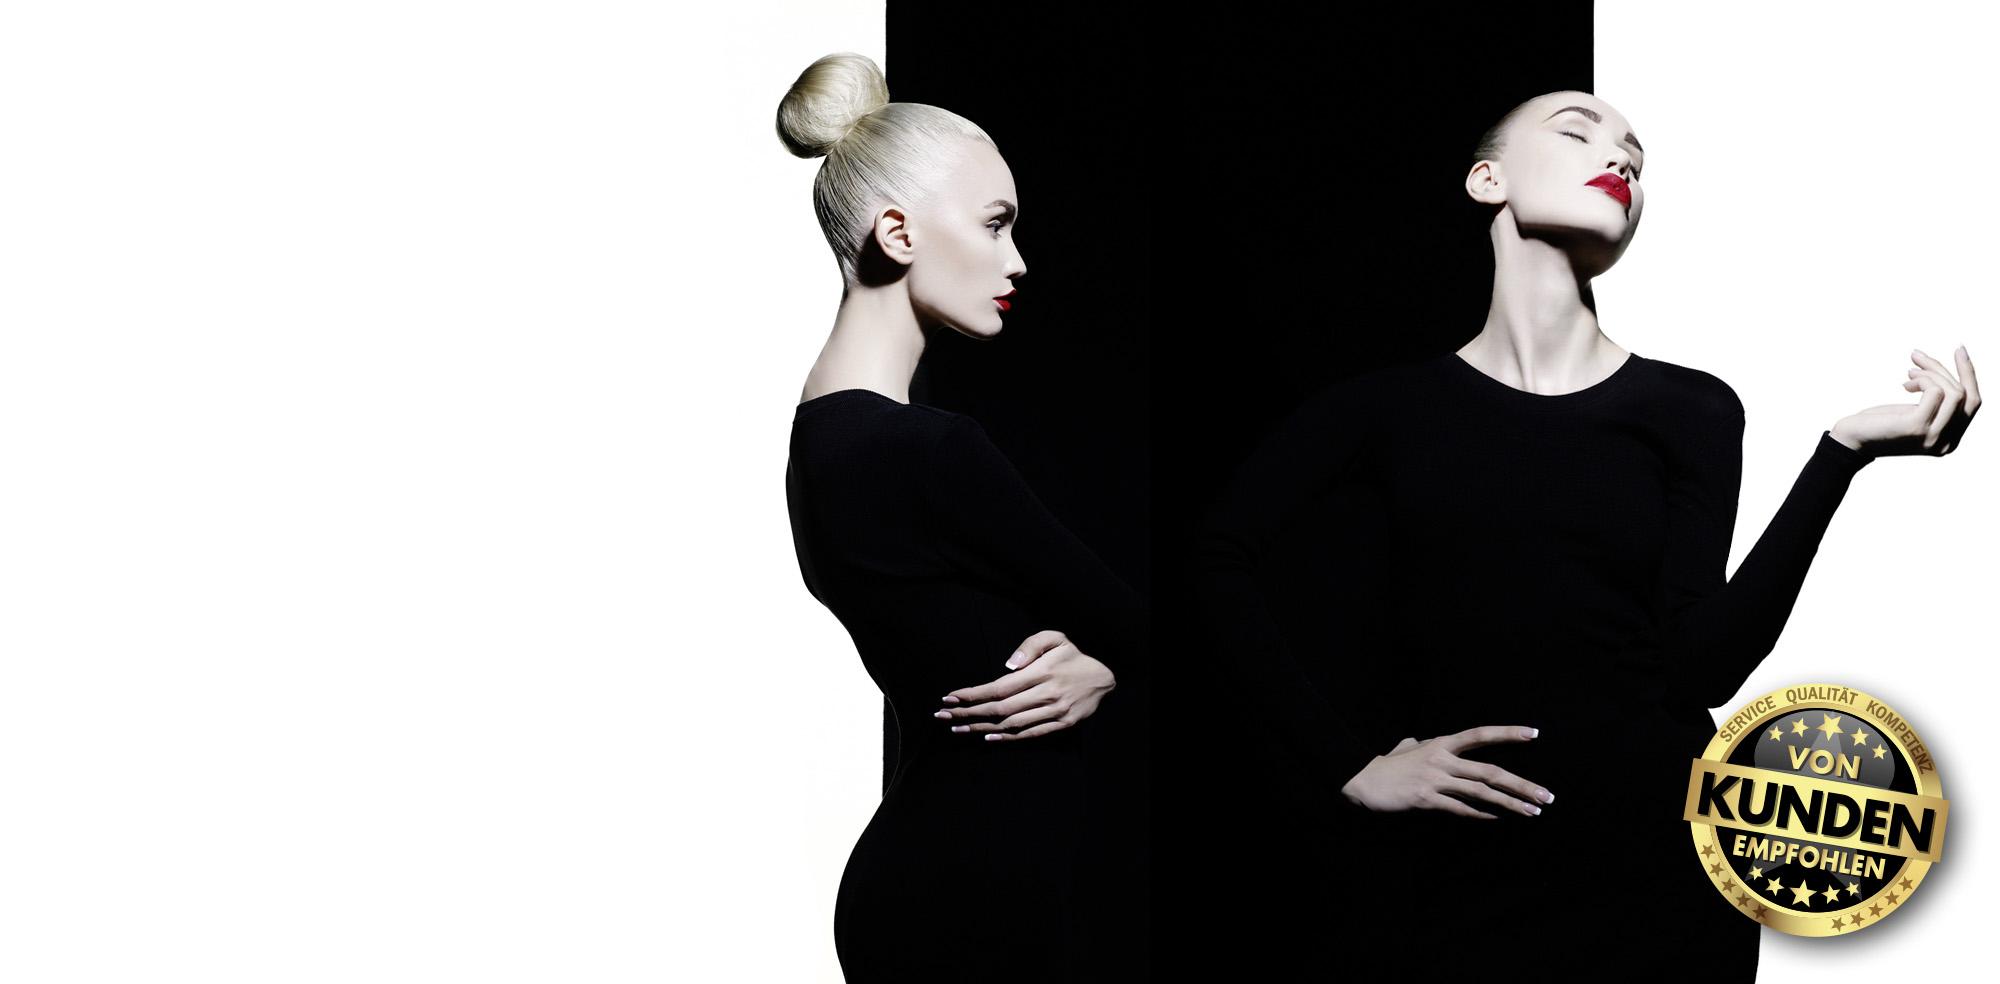 Businessfotografie, Modefotografie und Werbefotografie@blickfang2_fotostudio_filmstudio